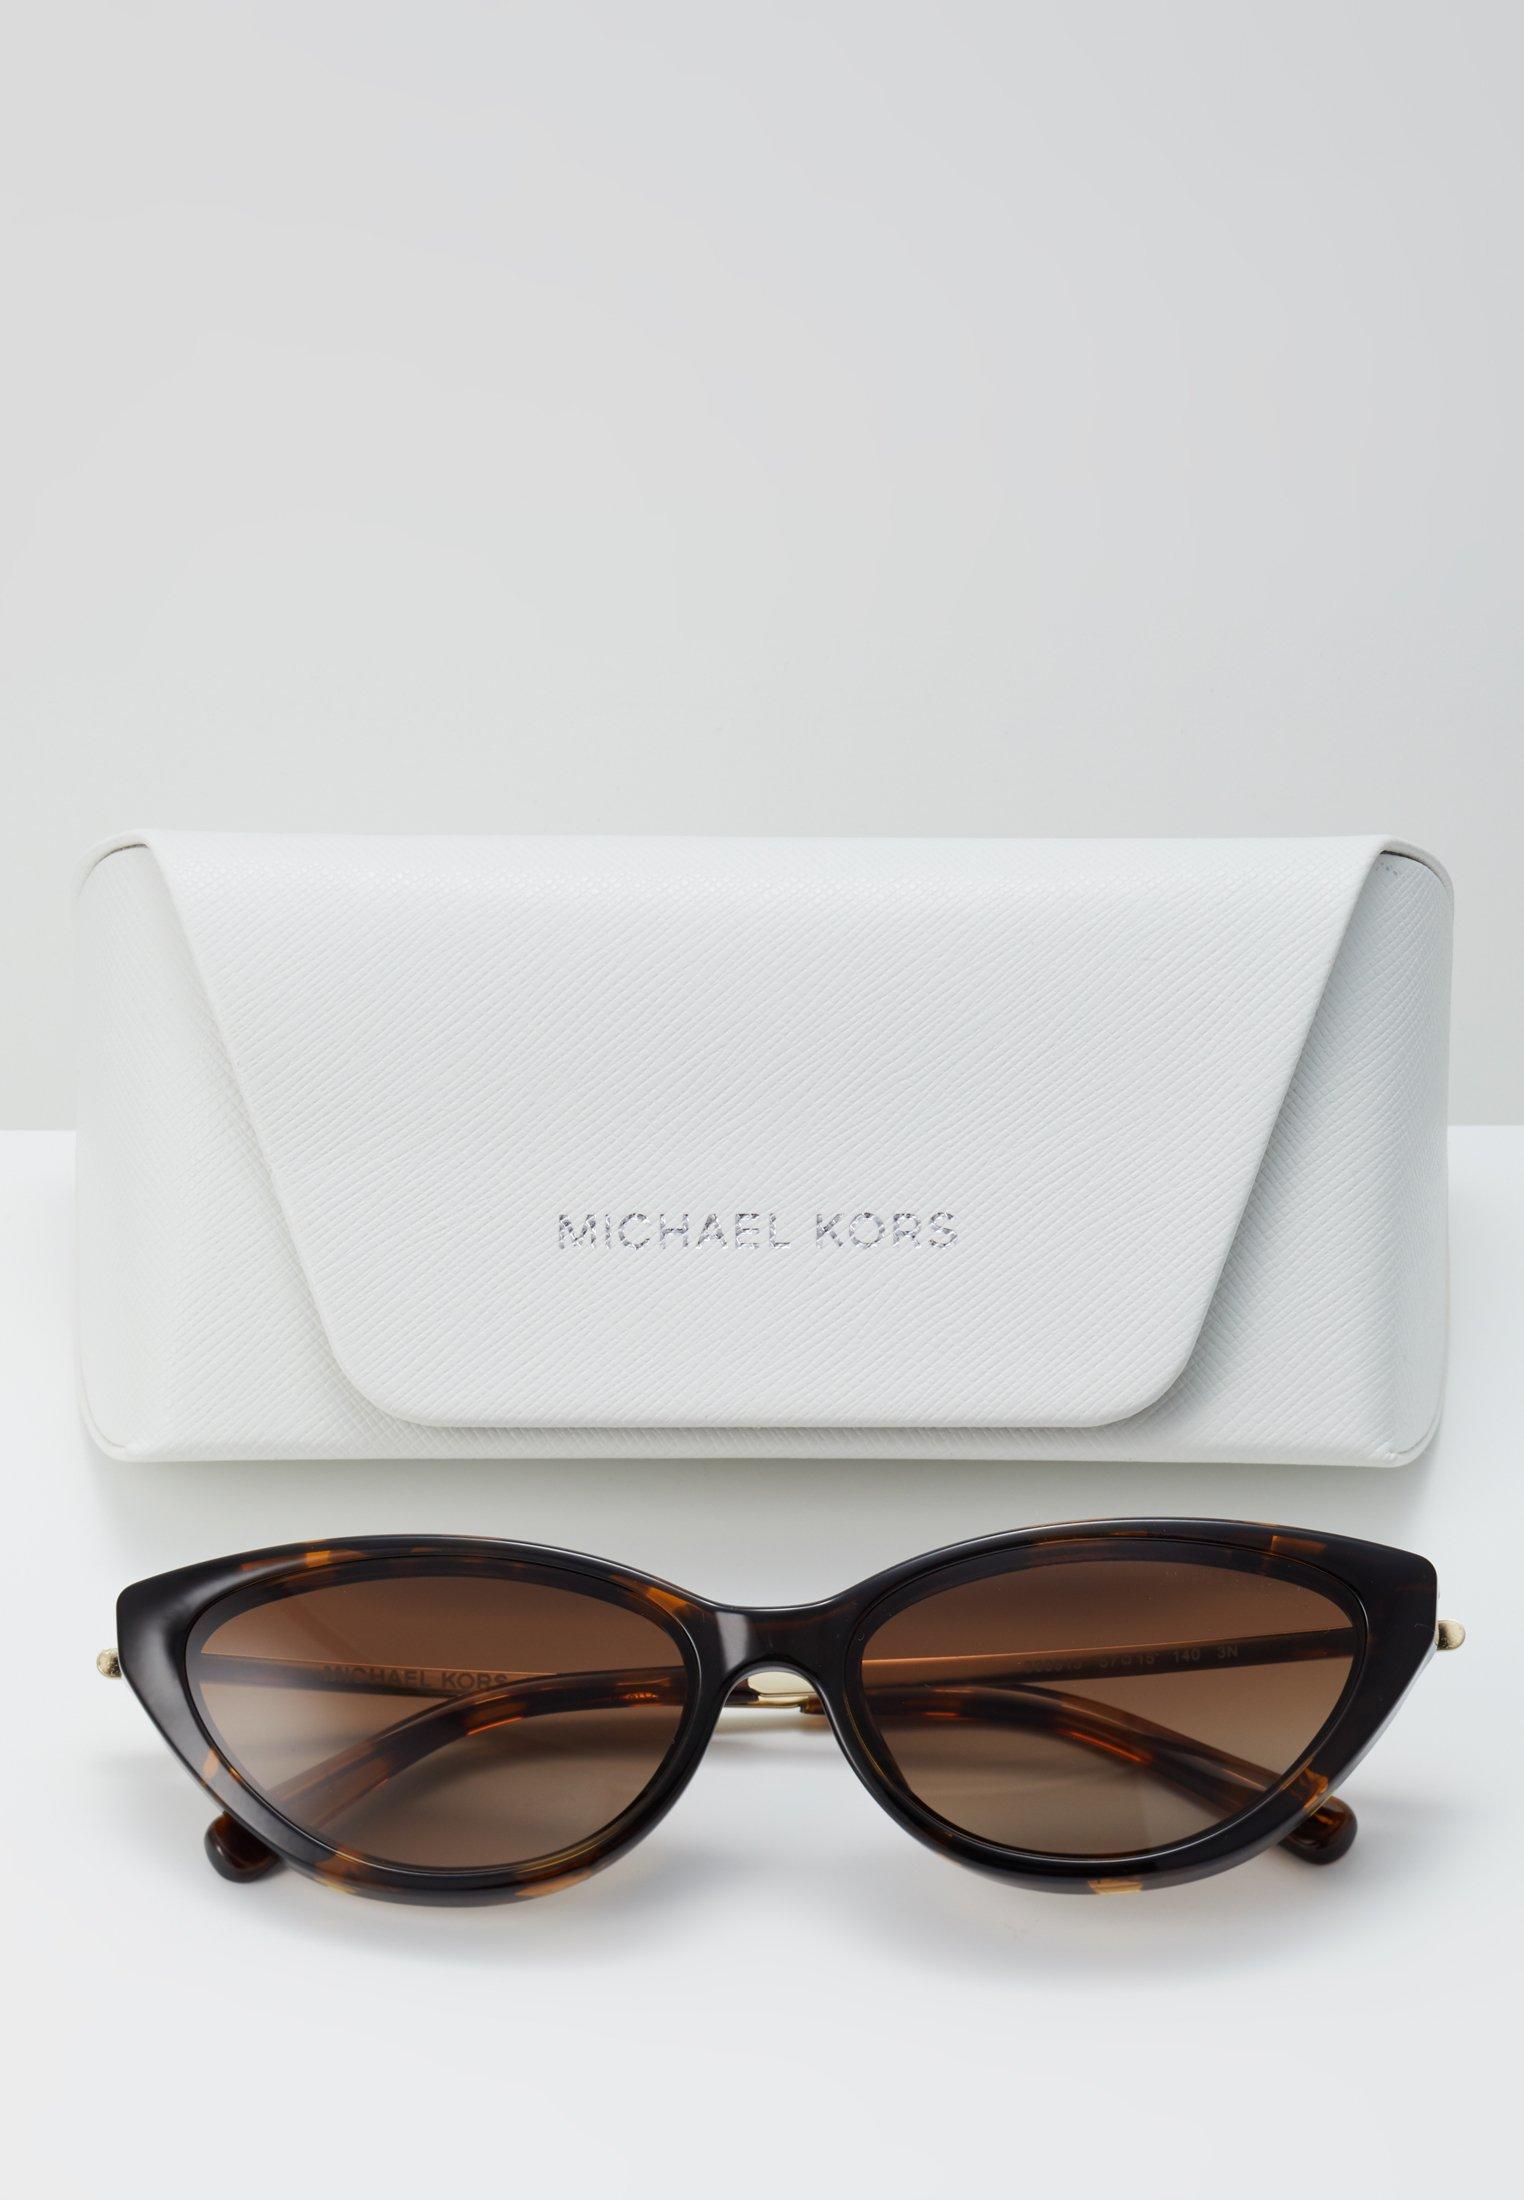 Cena fabryczna Gorąca wyprzedaż Michael Kors Okulary przeciwsłoneczne - dark tortouise | Akcesoria damskie 2020 IiVLw